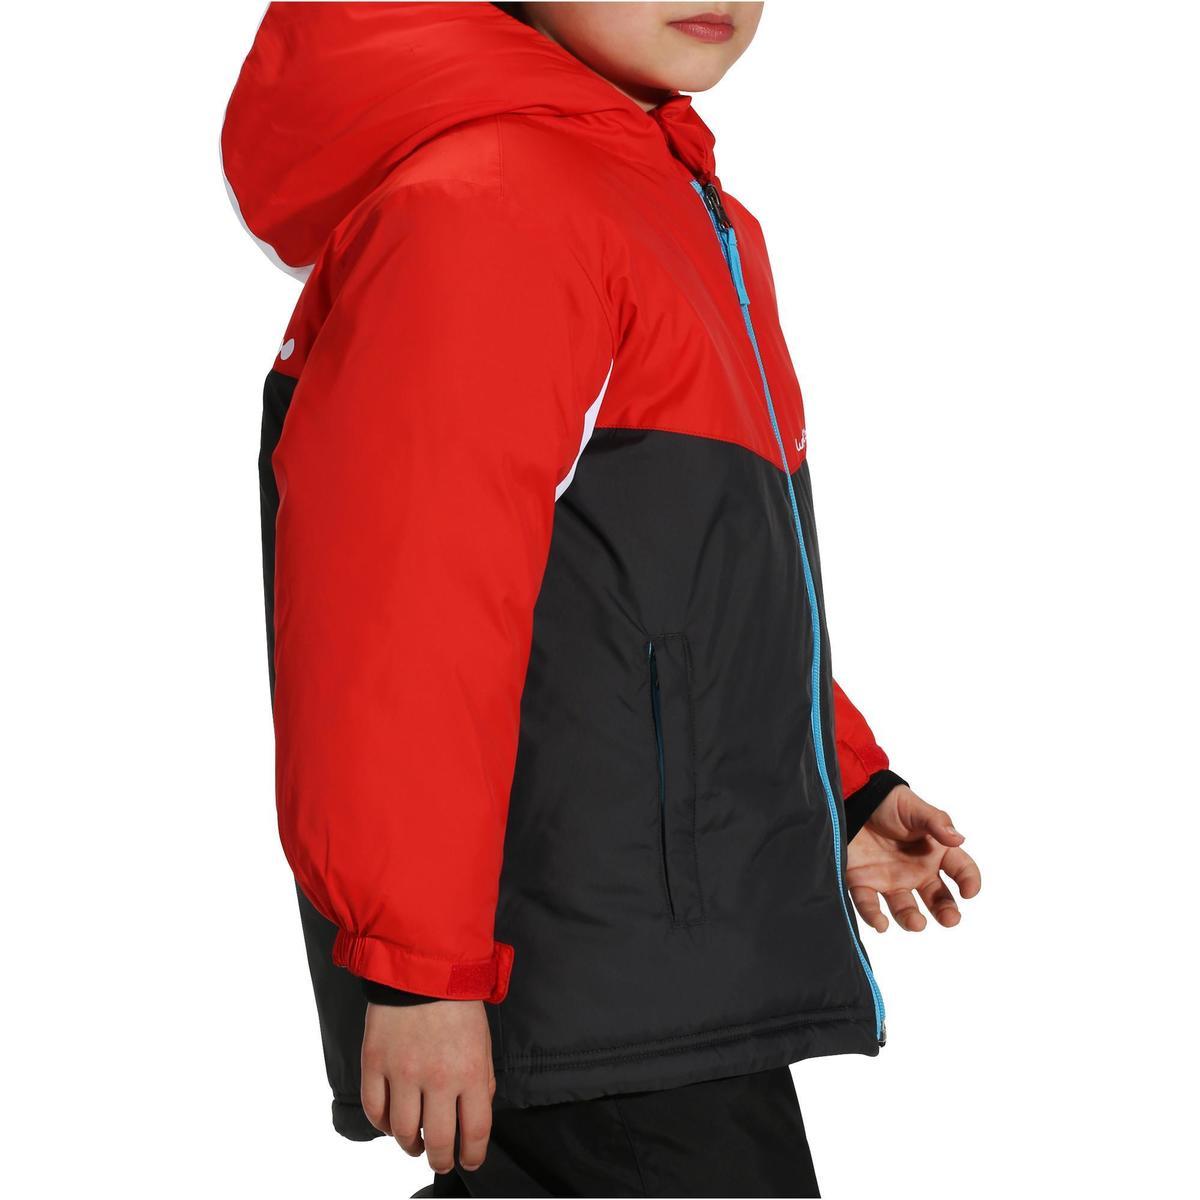 Bild 3 von Skijacke Piste 100 Kleinkinder rot